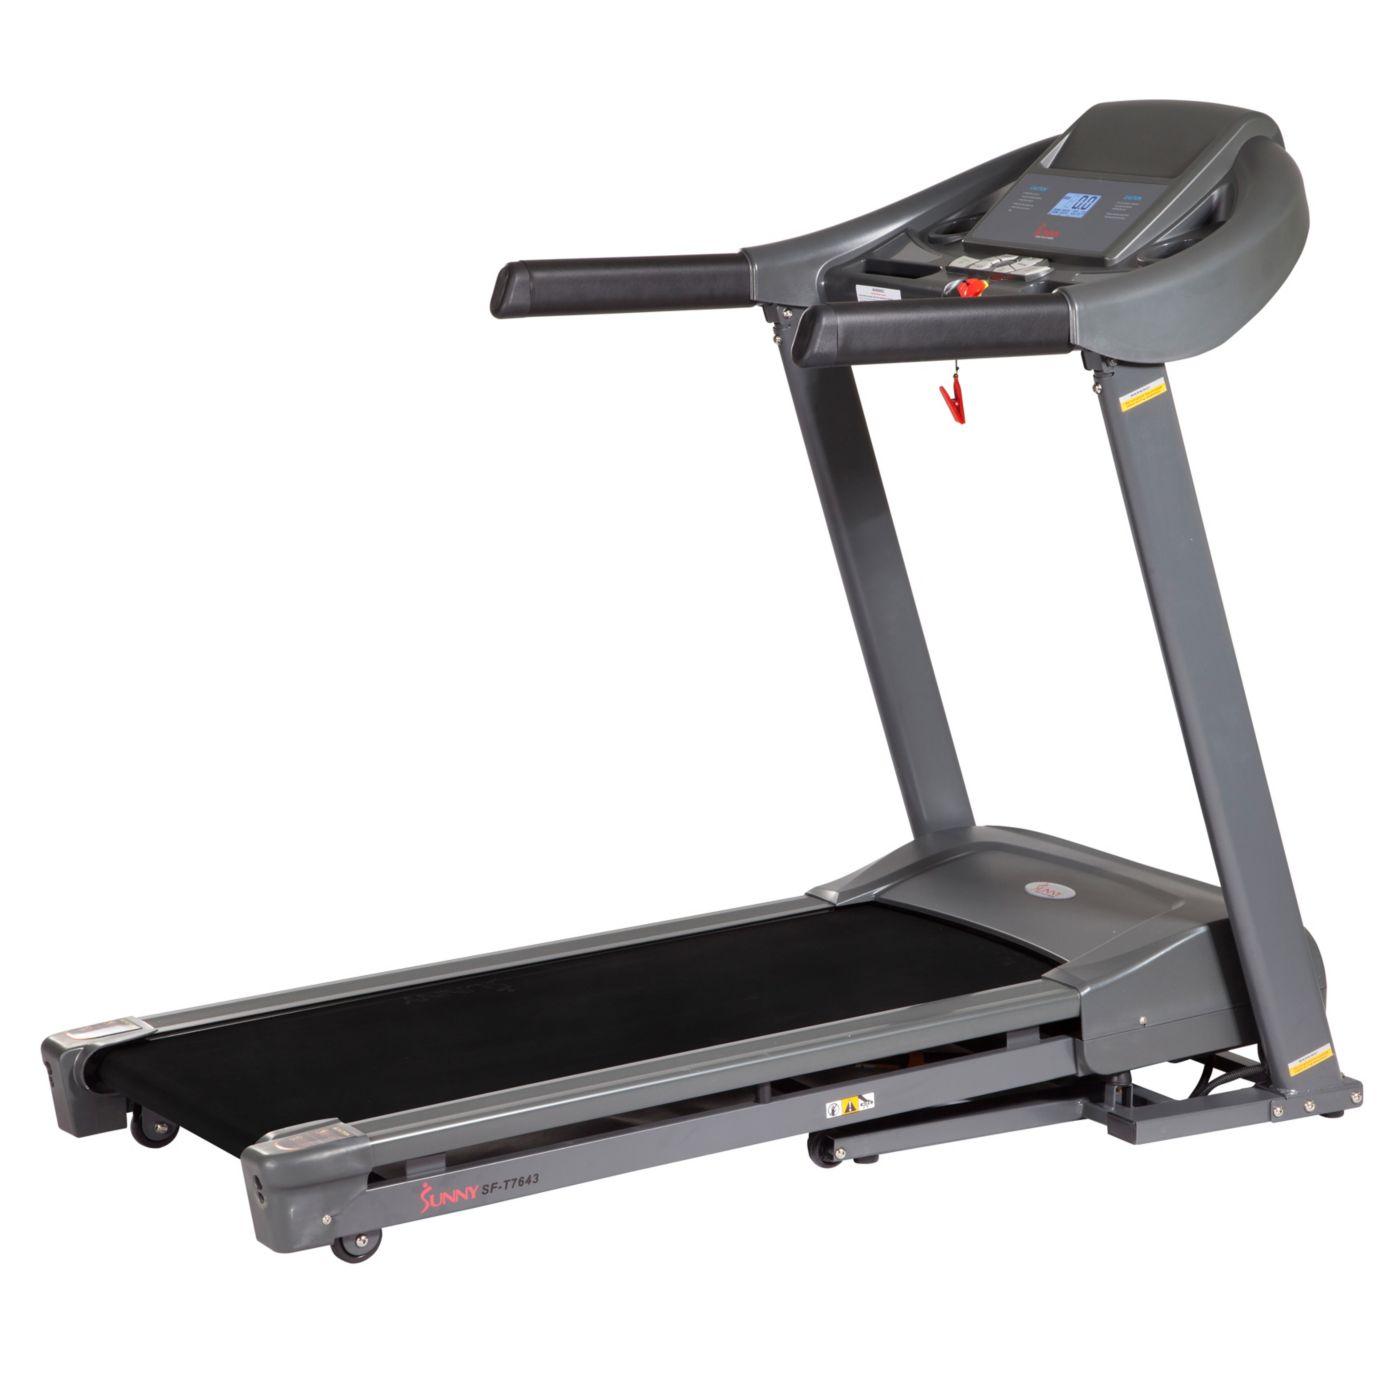 Sunny Health & Fitness SF-T7643 Heavy-Duty Walking Treadmill